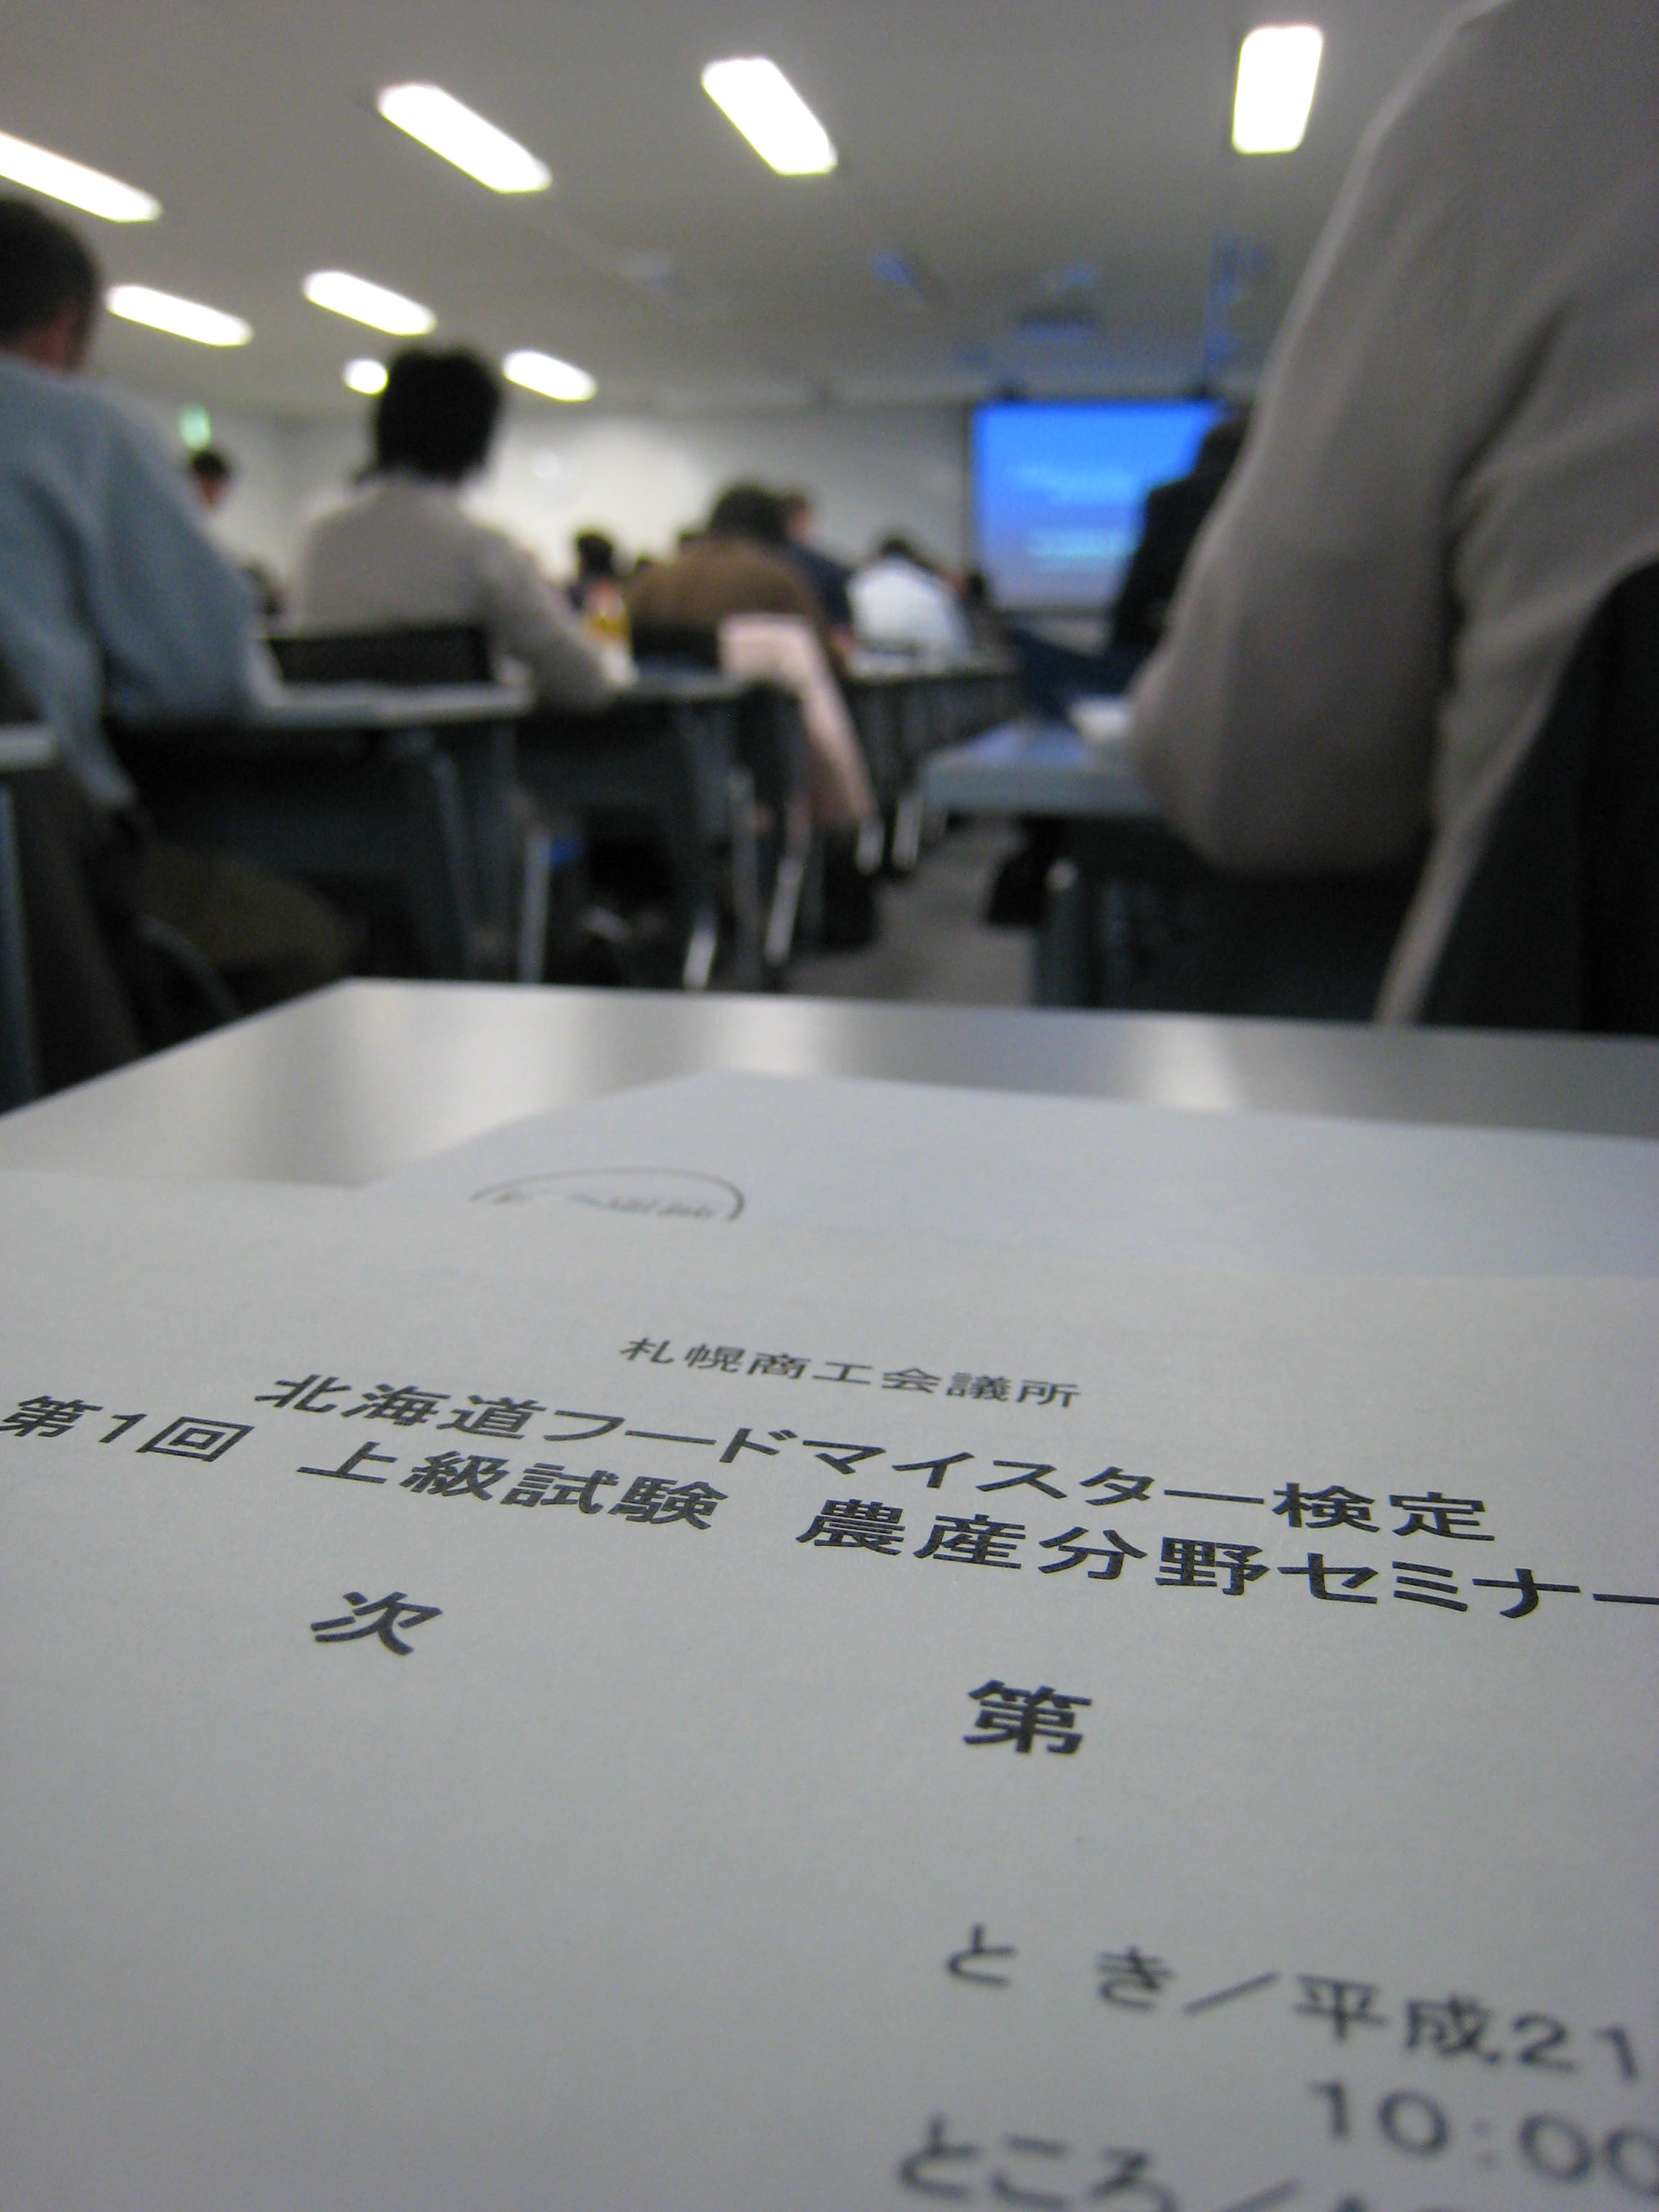 北海道フードマイスター上級試験合格発表!なんですか?これ?!_c0134029_191197.jpg